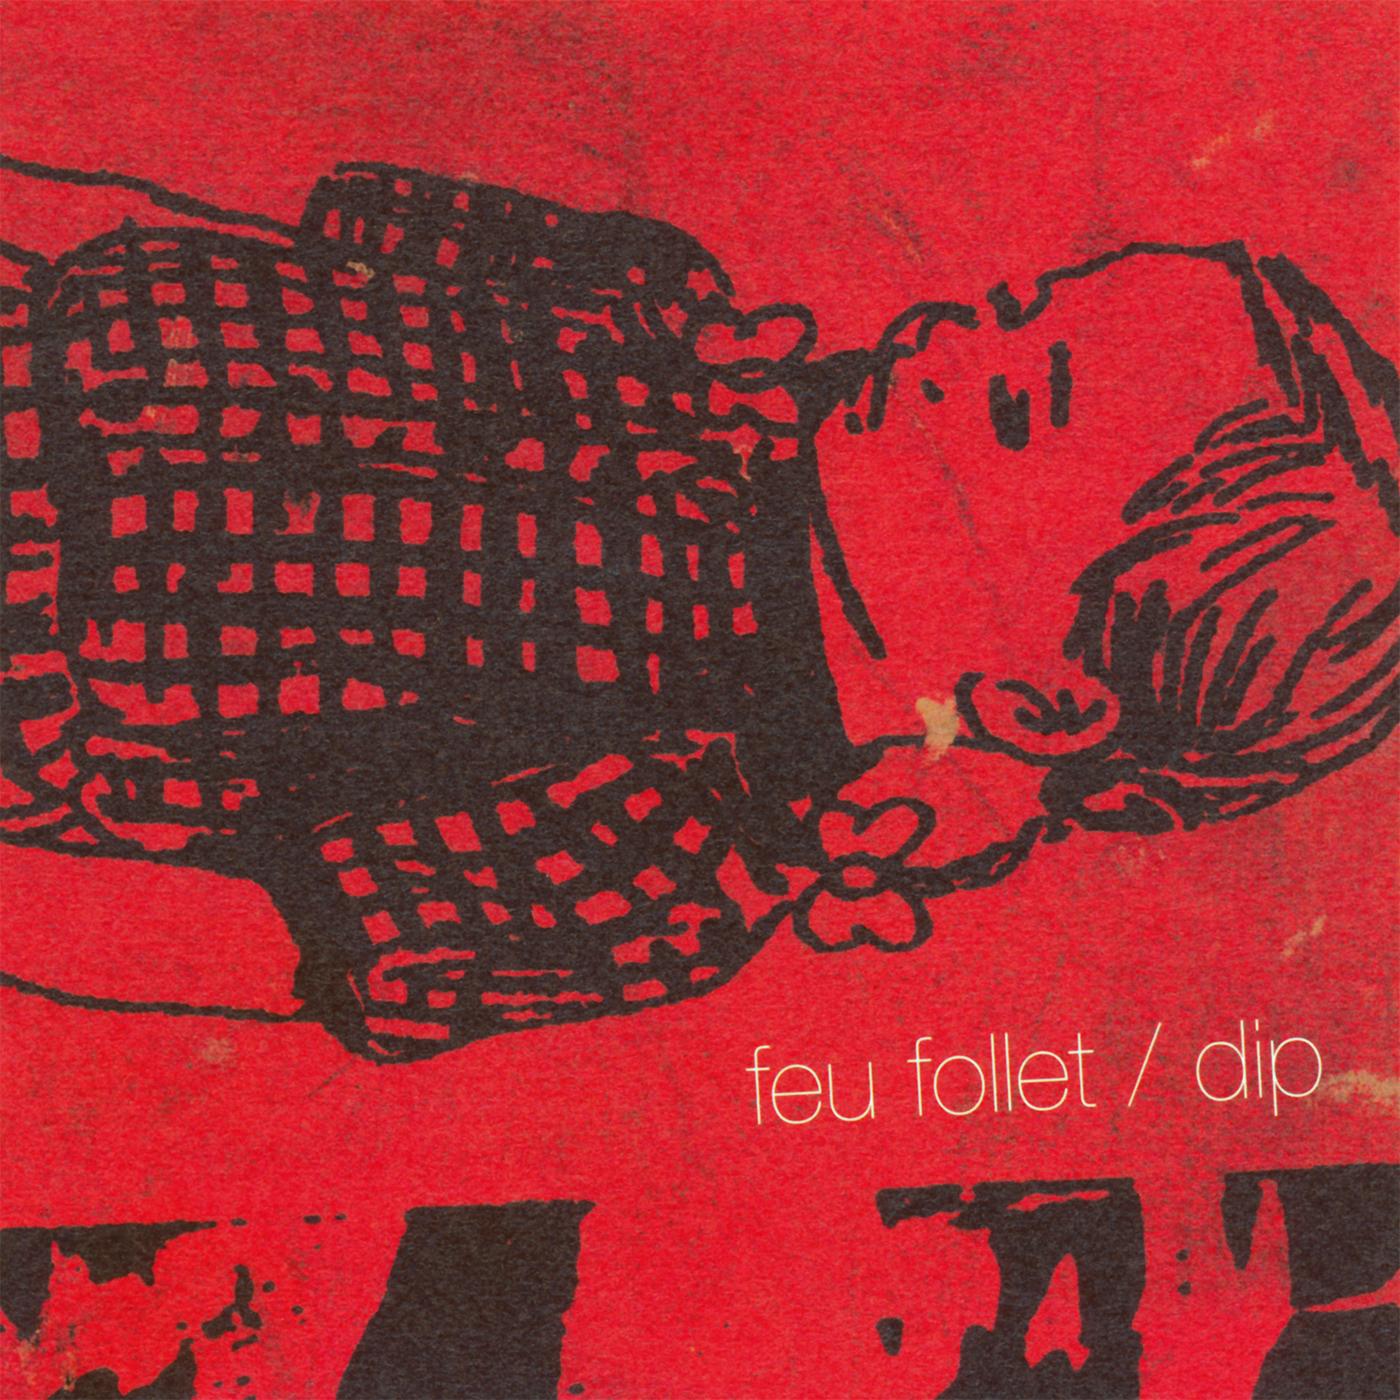 dip_feufollet